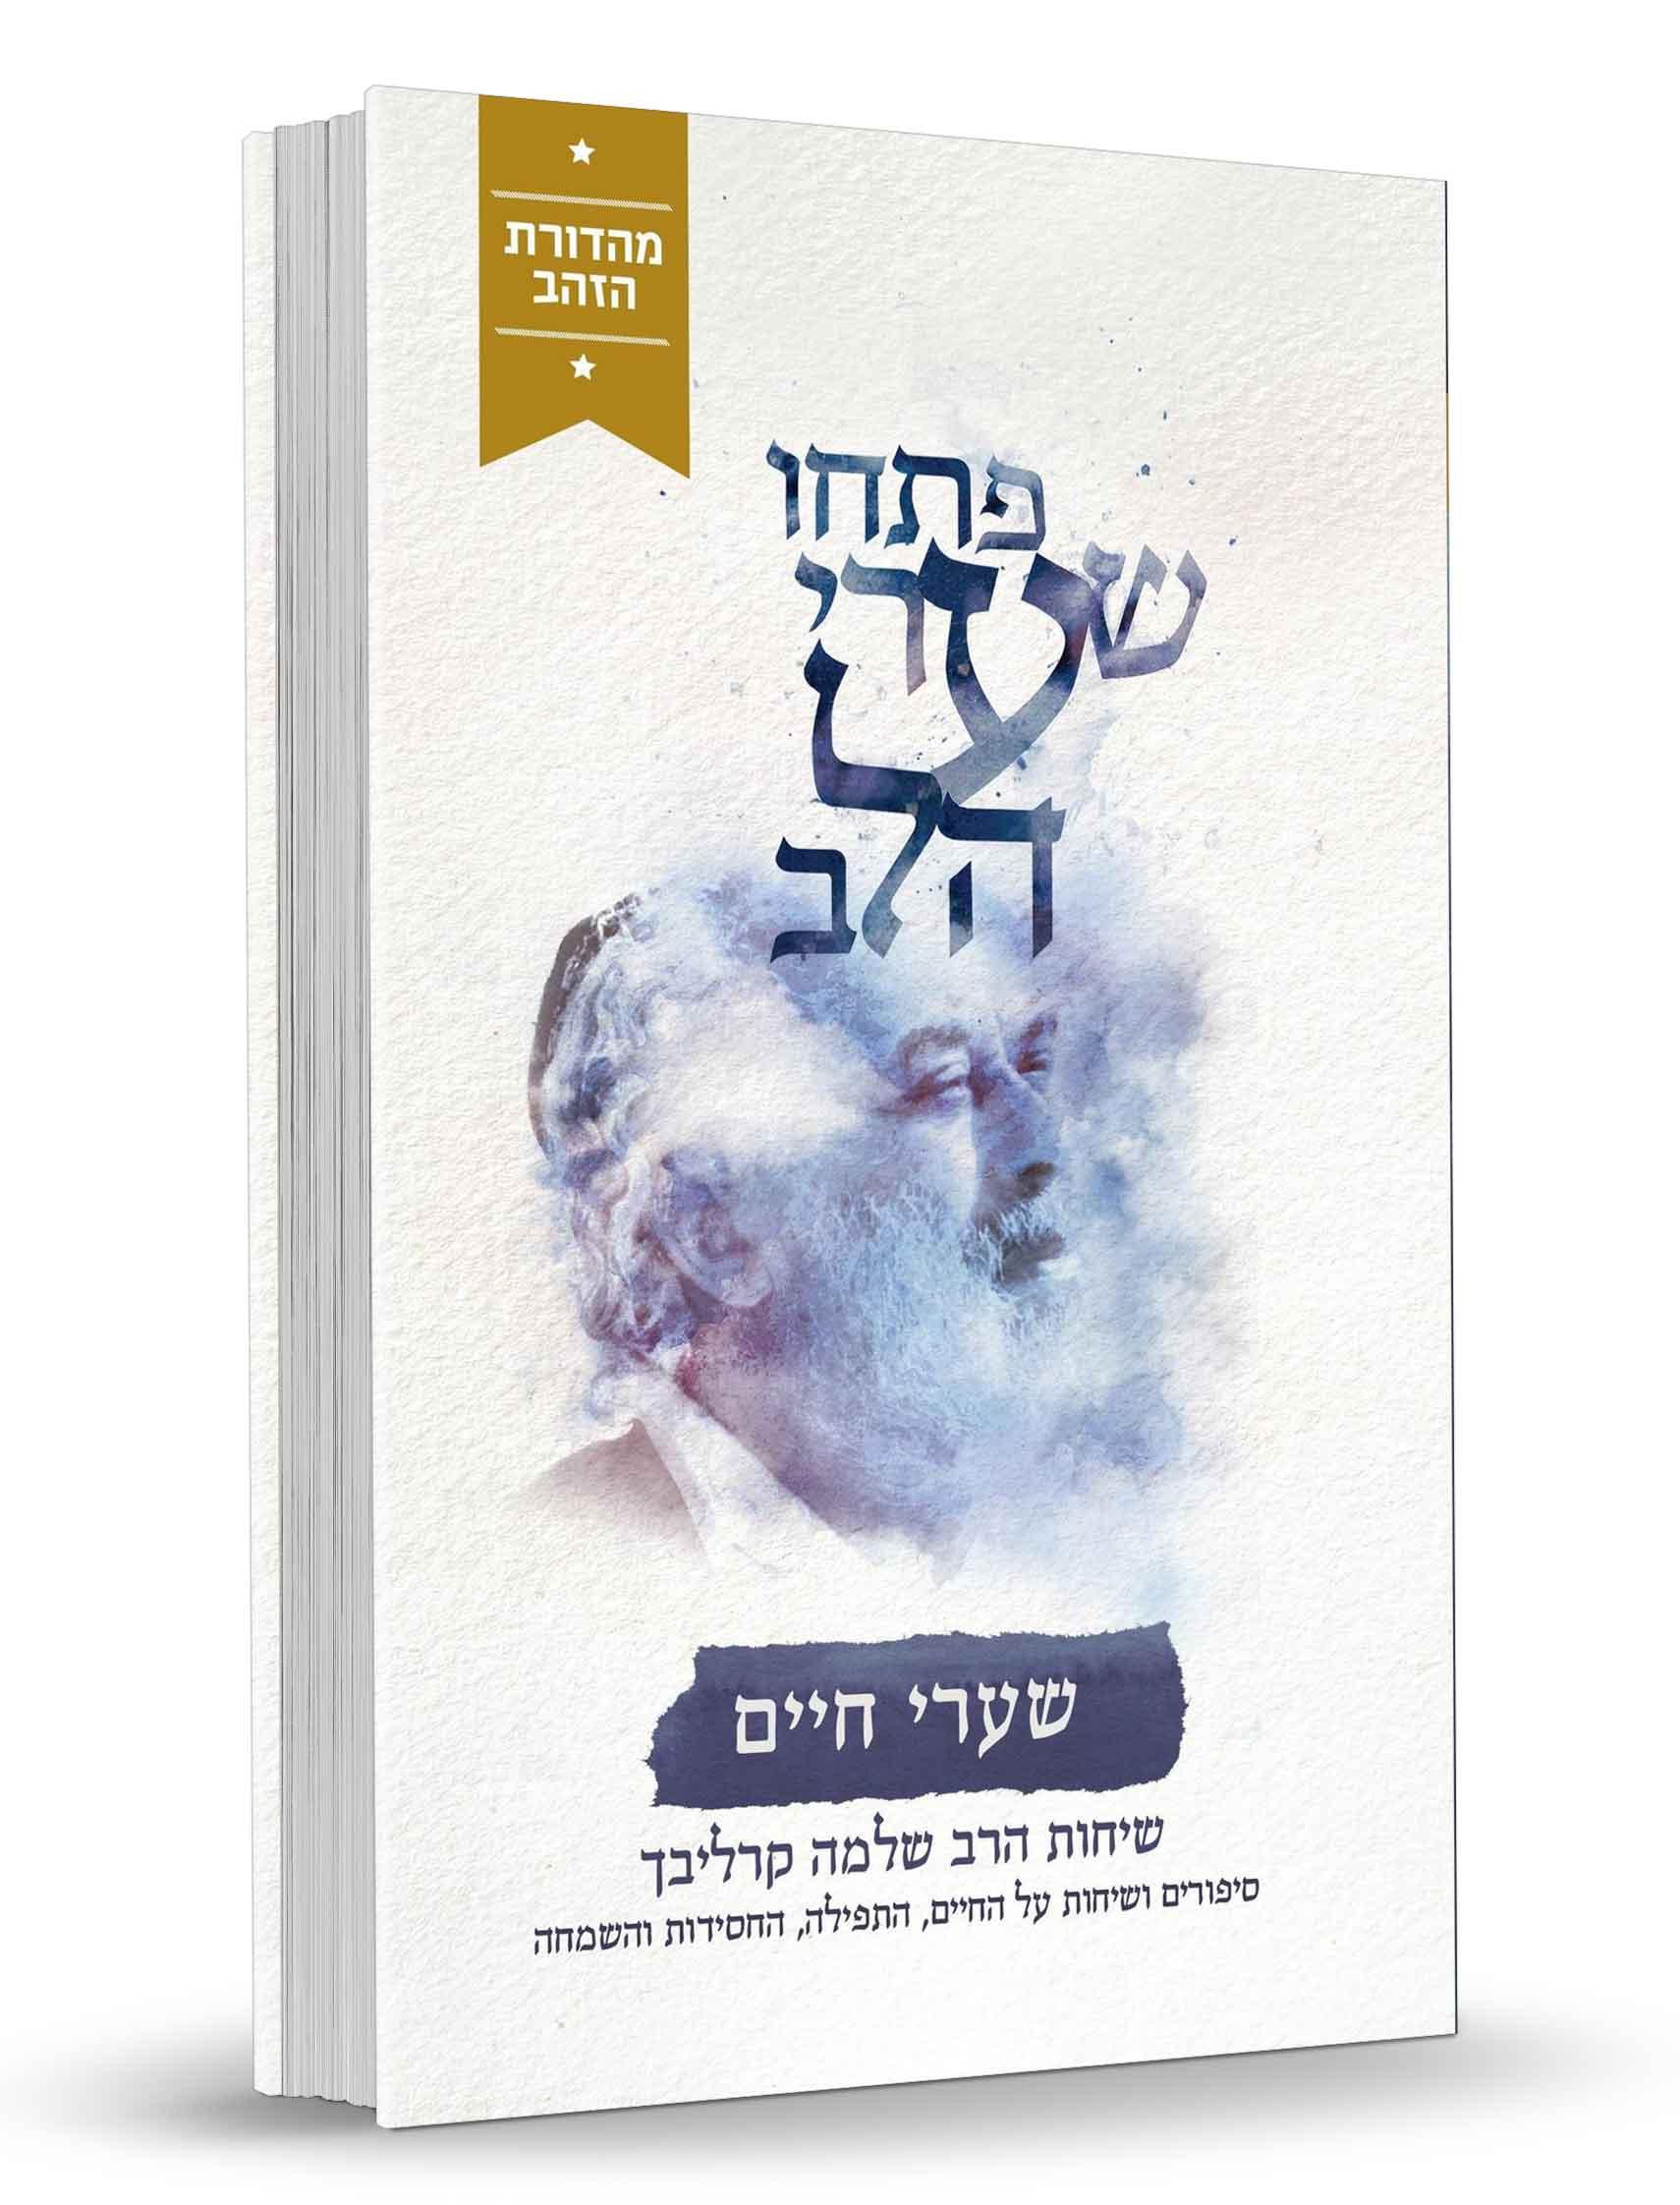 פתחו שערי הלב - שערי חיים - שיחות הרב שלמה קרליבך חלק 3